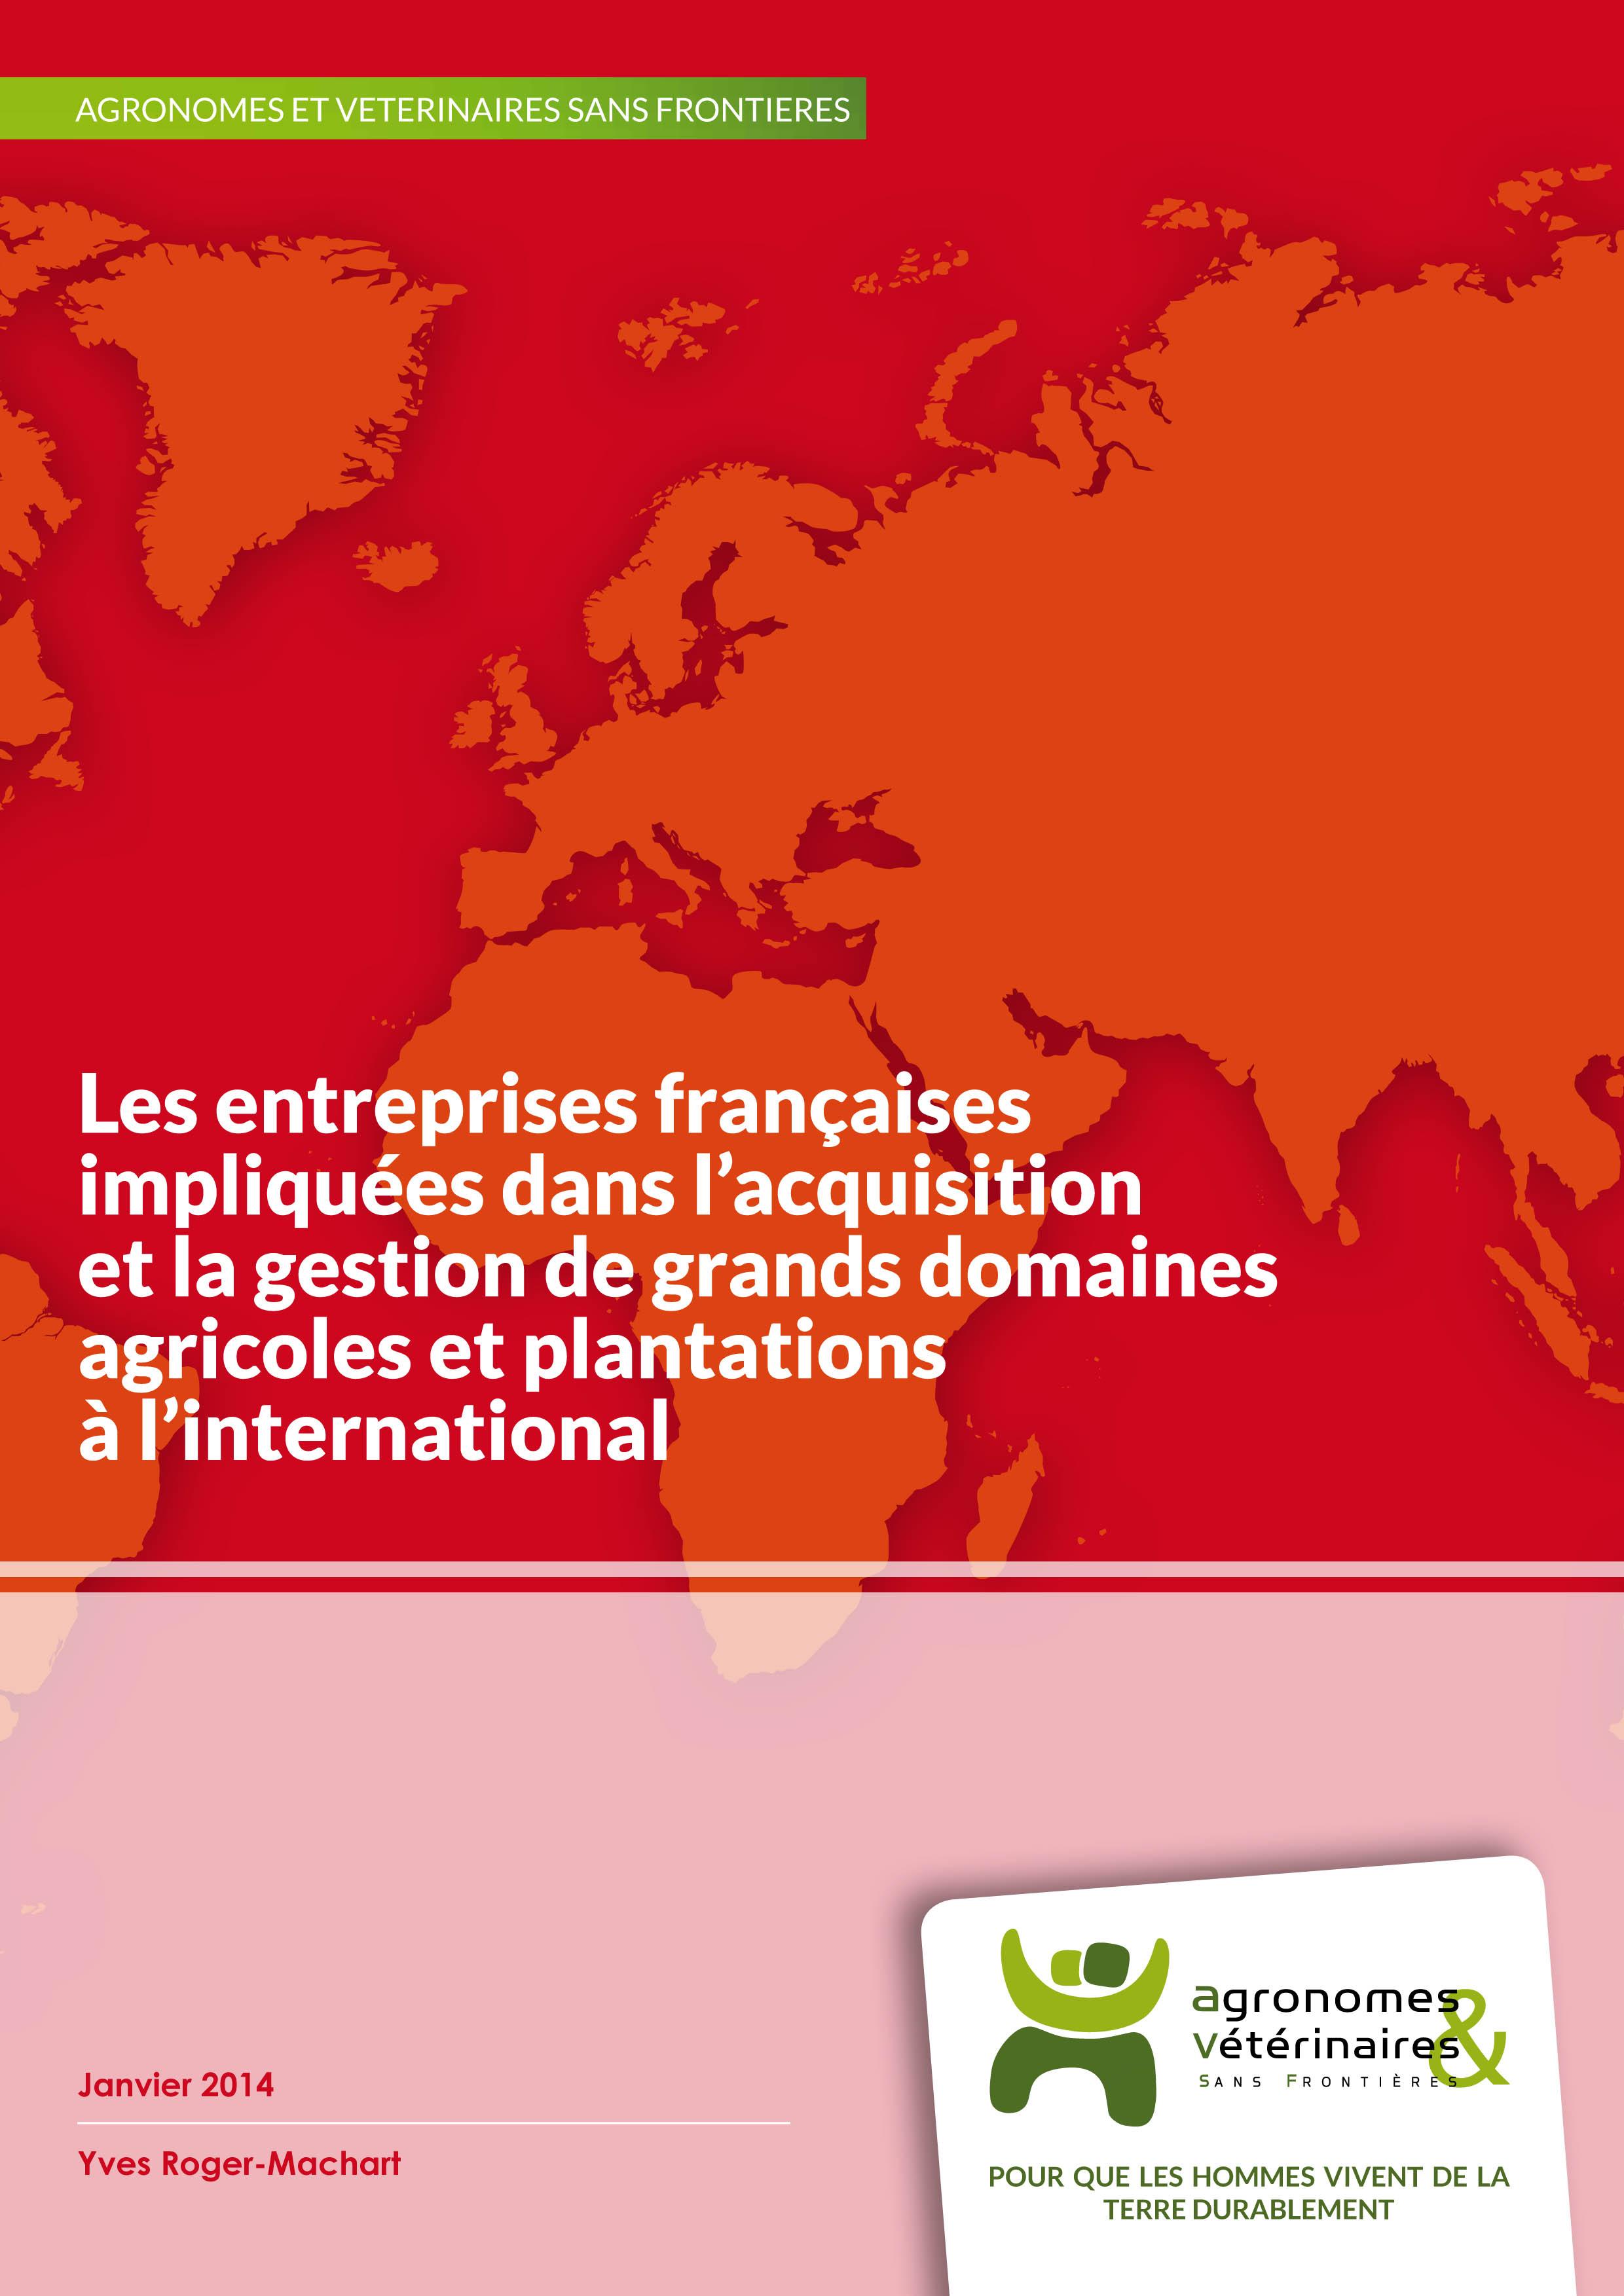 Les entreprises françaises impliquées dans l'acquisition et la gestion de grands domaines agricoles et plantations à l'international Image principale